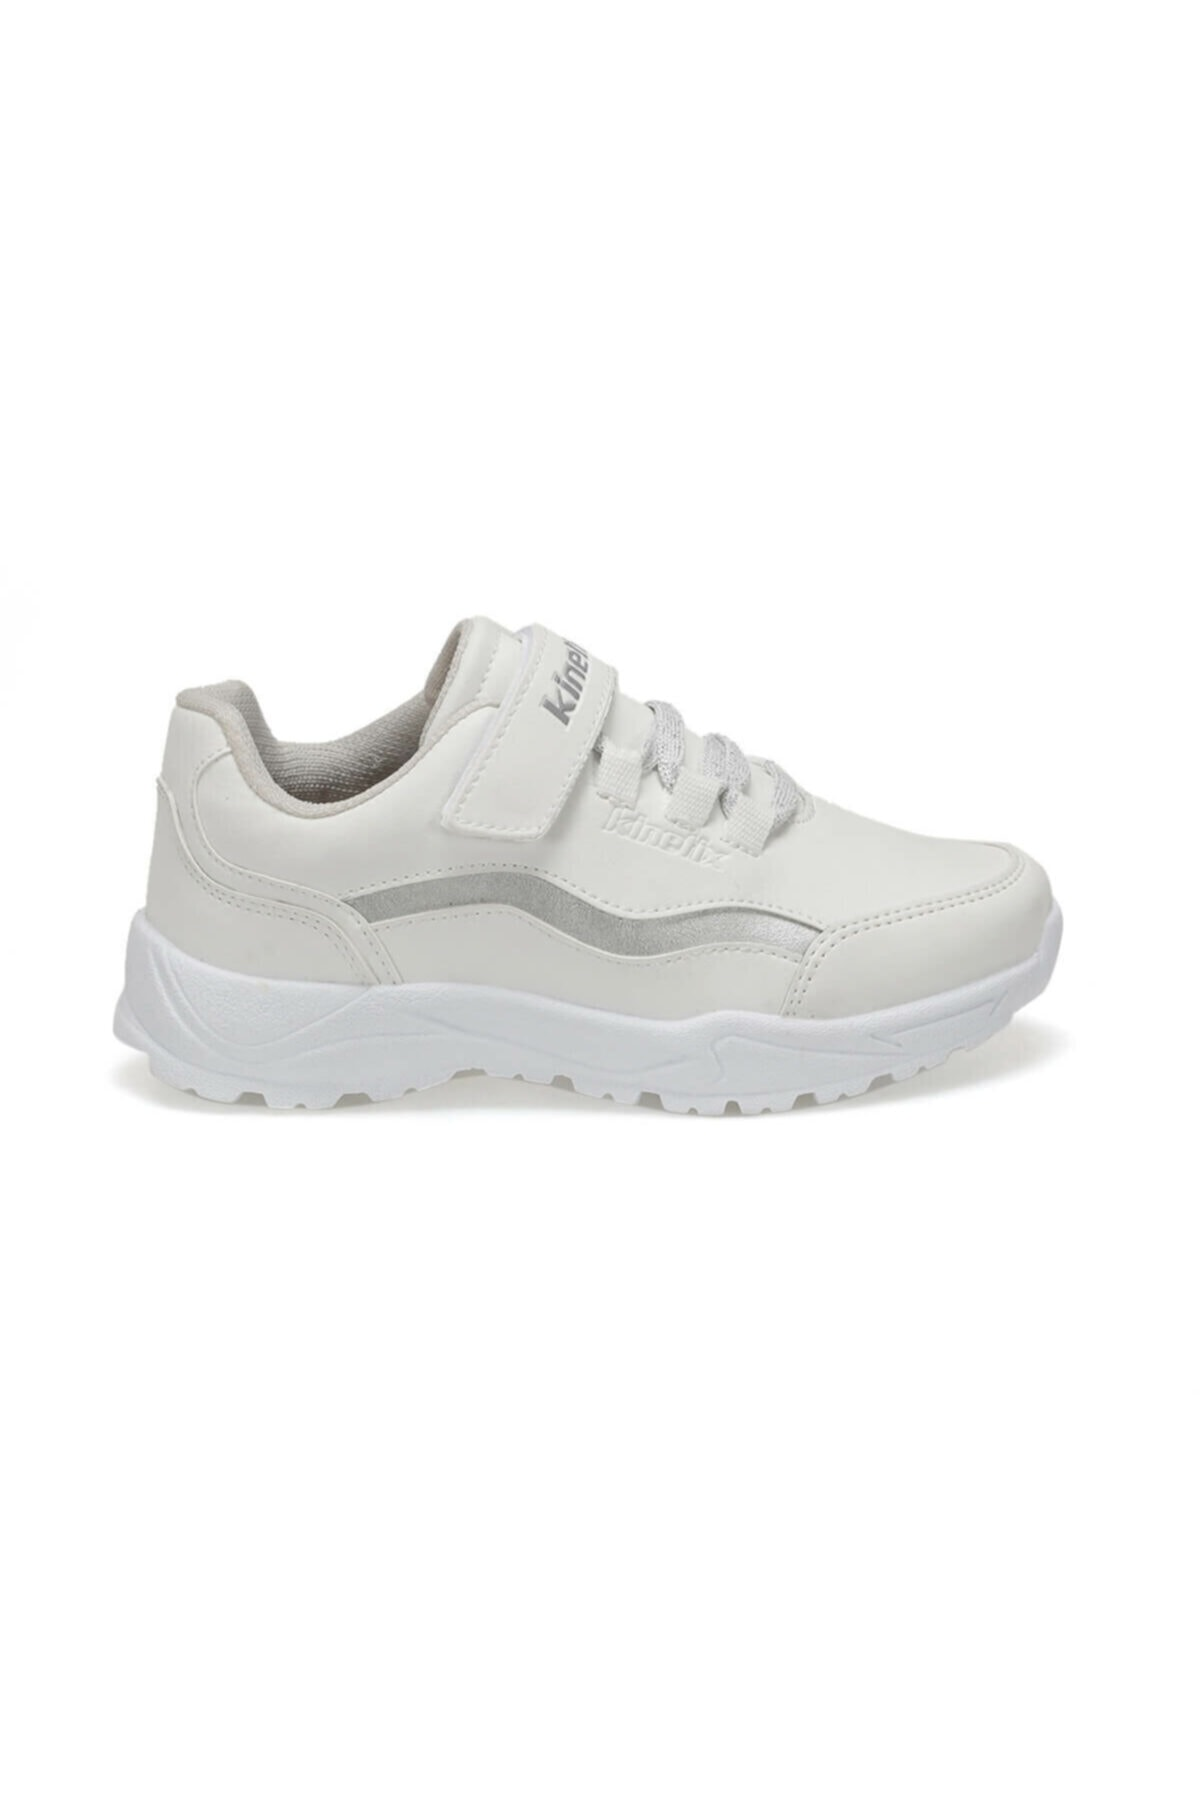 Kinetix ARTEN 9PR Beyaz Kız Çocuk Yürüyüş Ayakkabısı 100425228 2